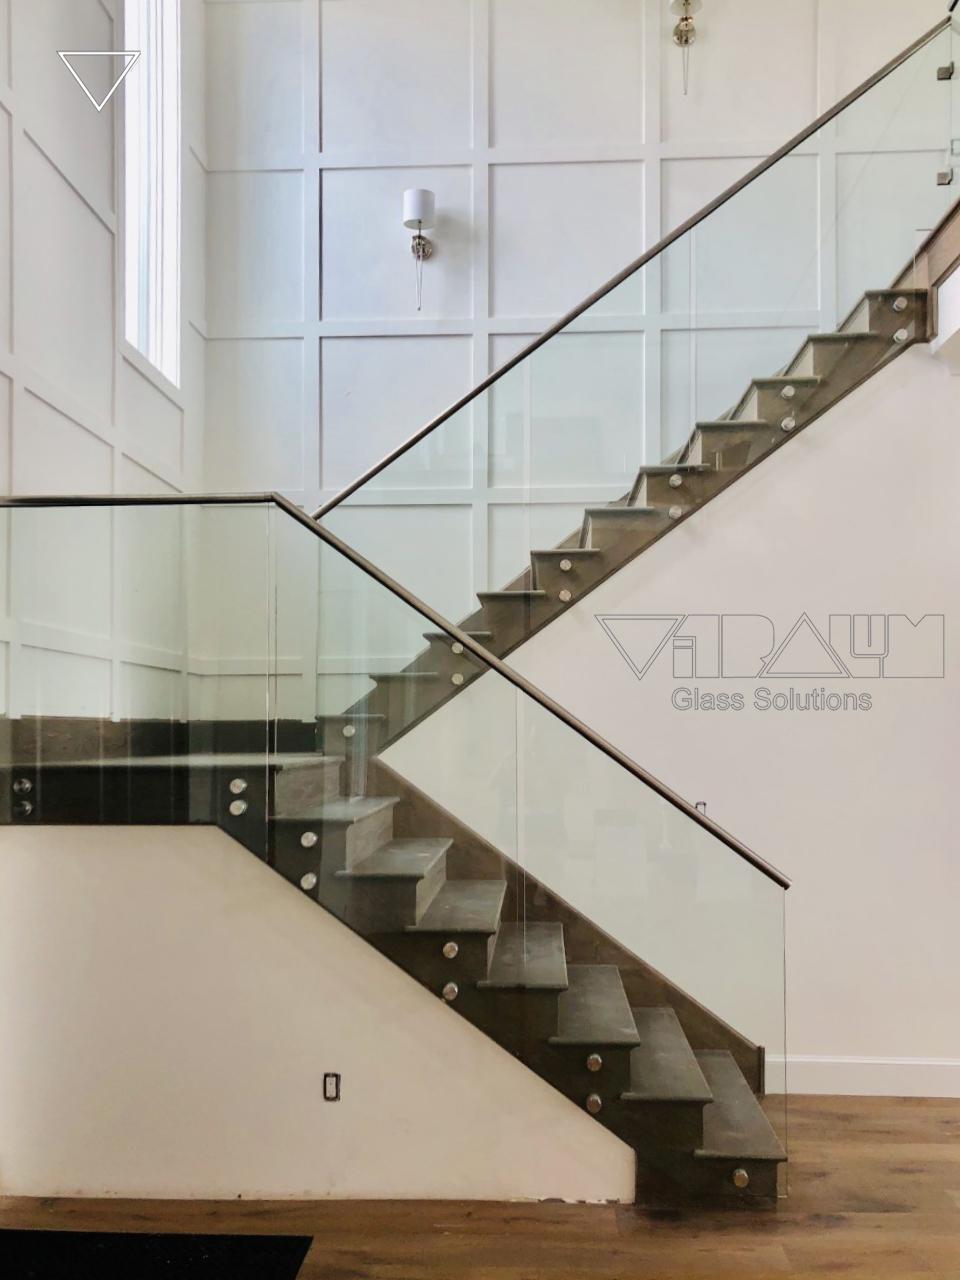 Frameless Glass Railings Orlando Vitralum Glass Solutions